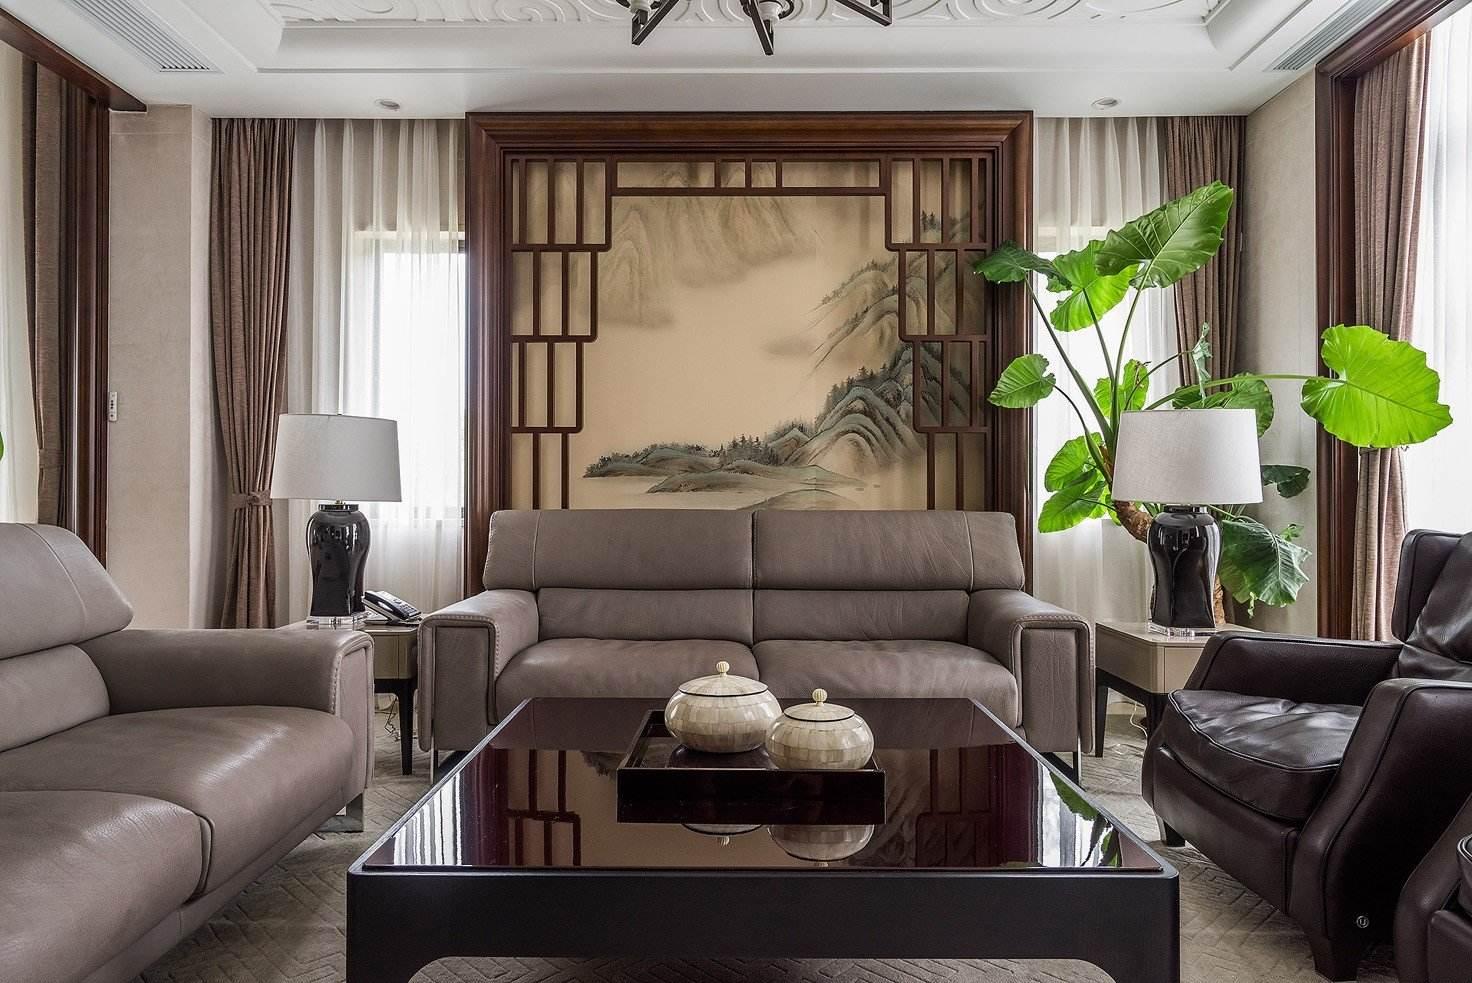 明清家具中式风格客厅仿古落地屏风装饰图